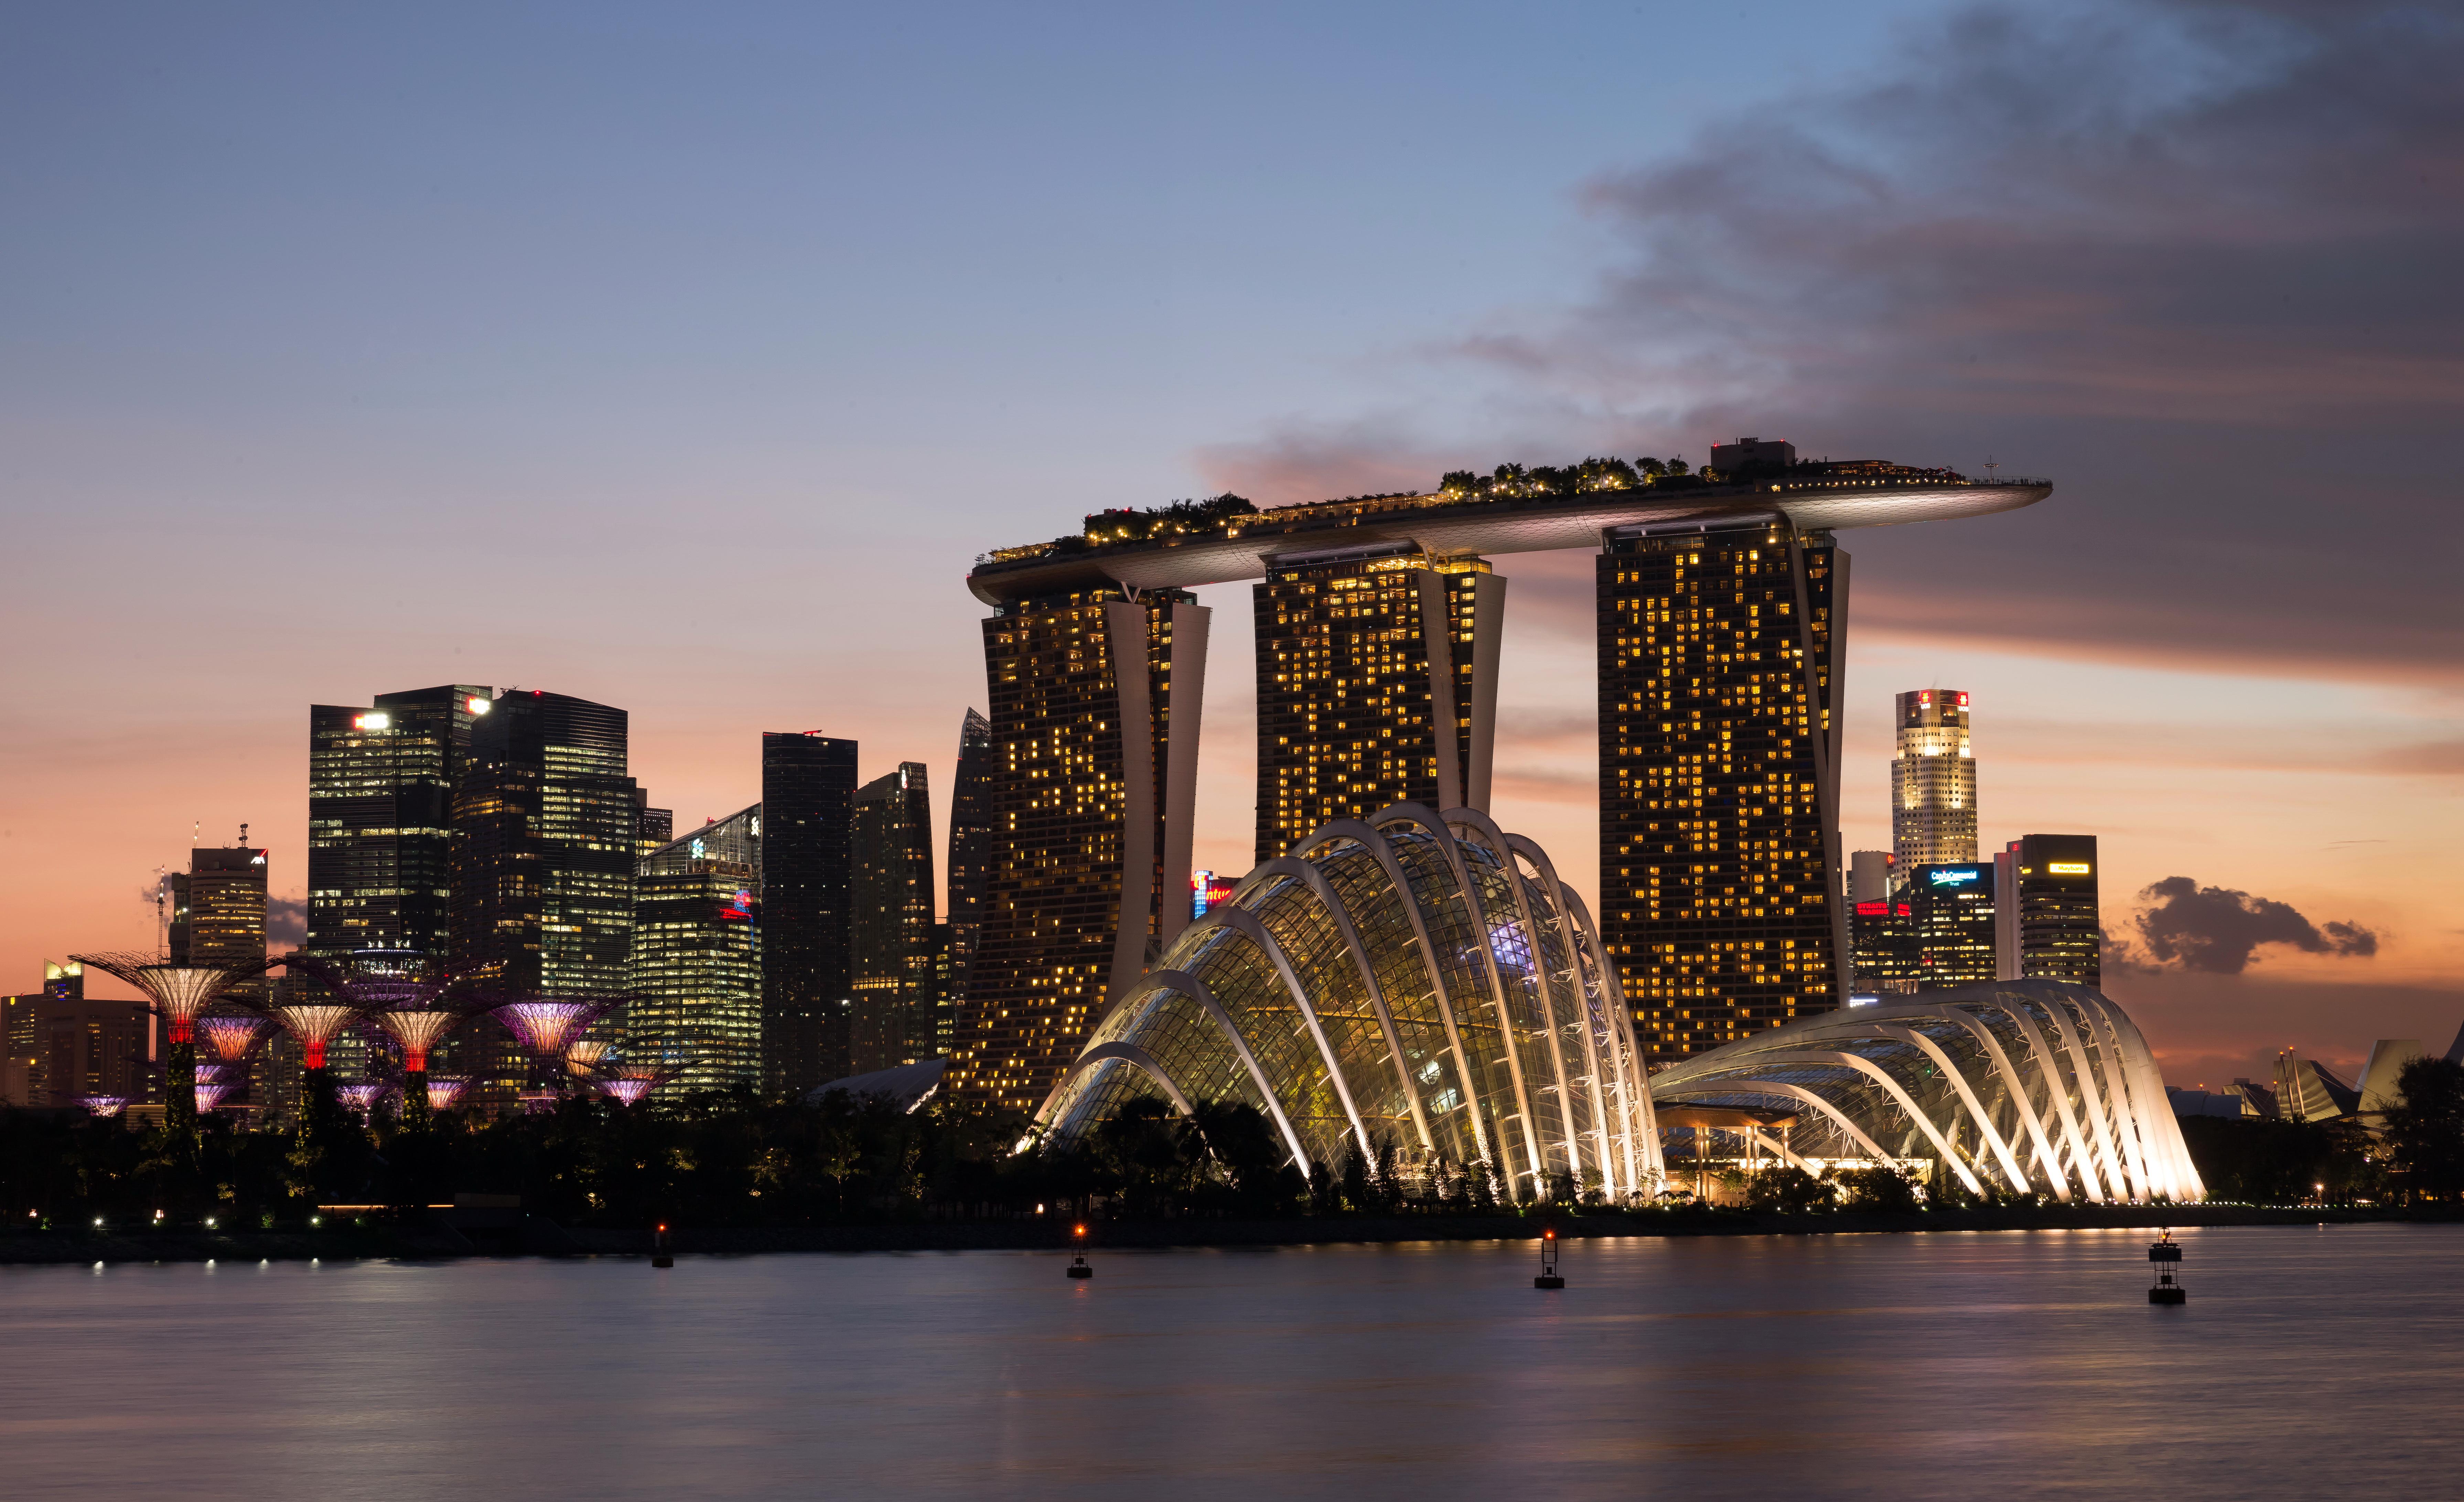 страны архитектура Сингапур ночь  № 1476010 загрузить